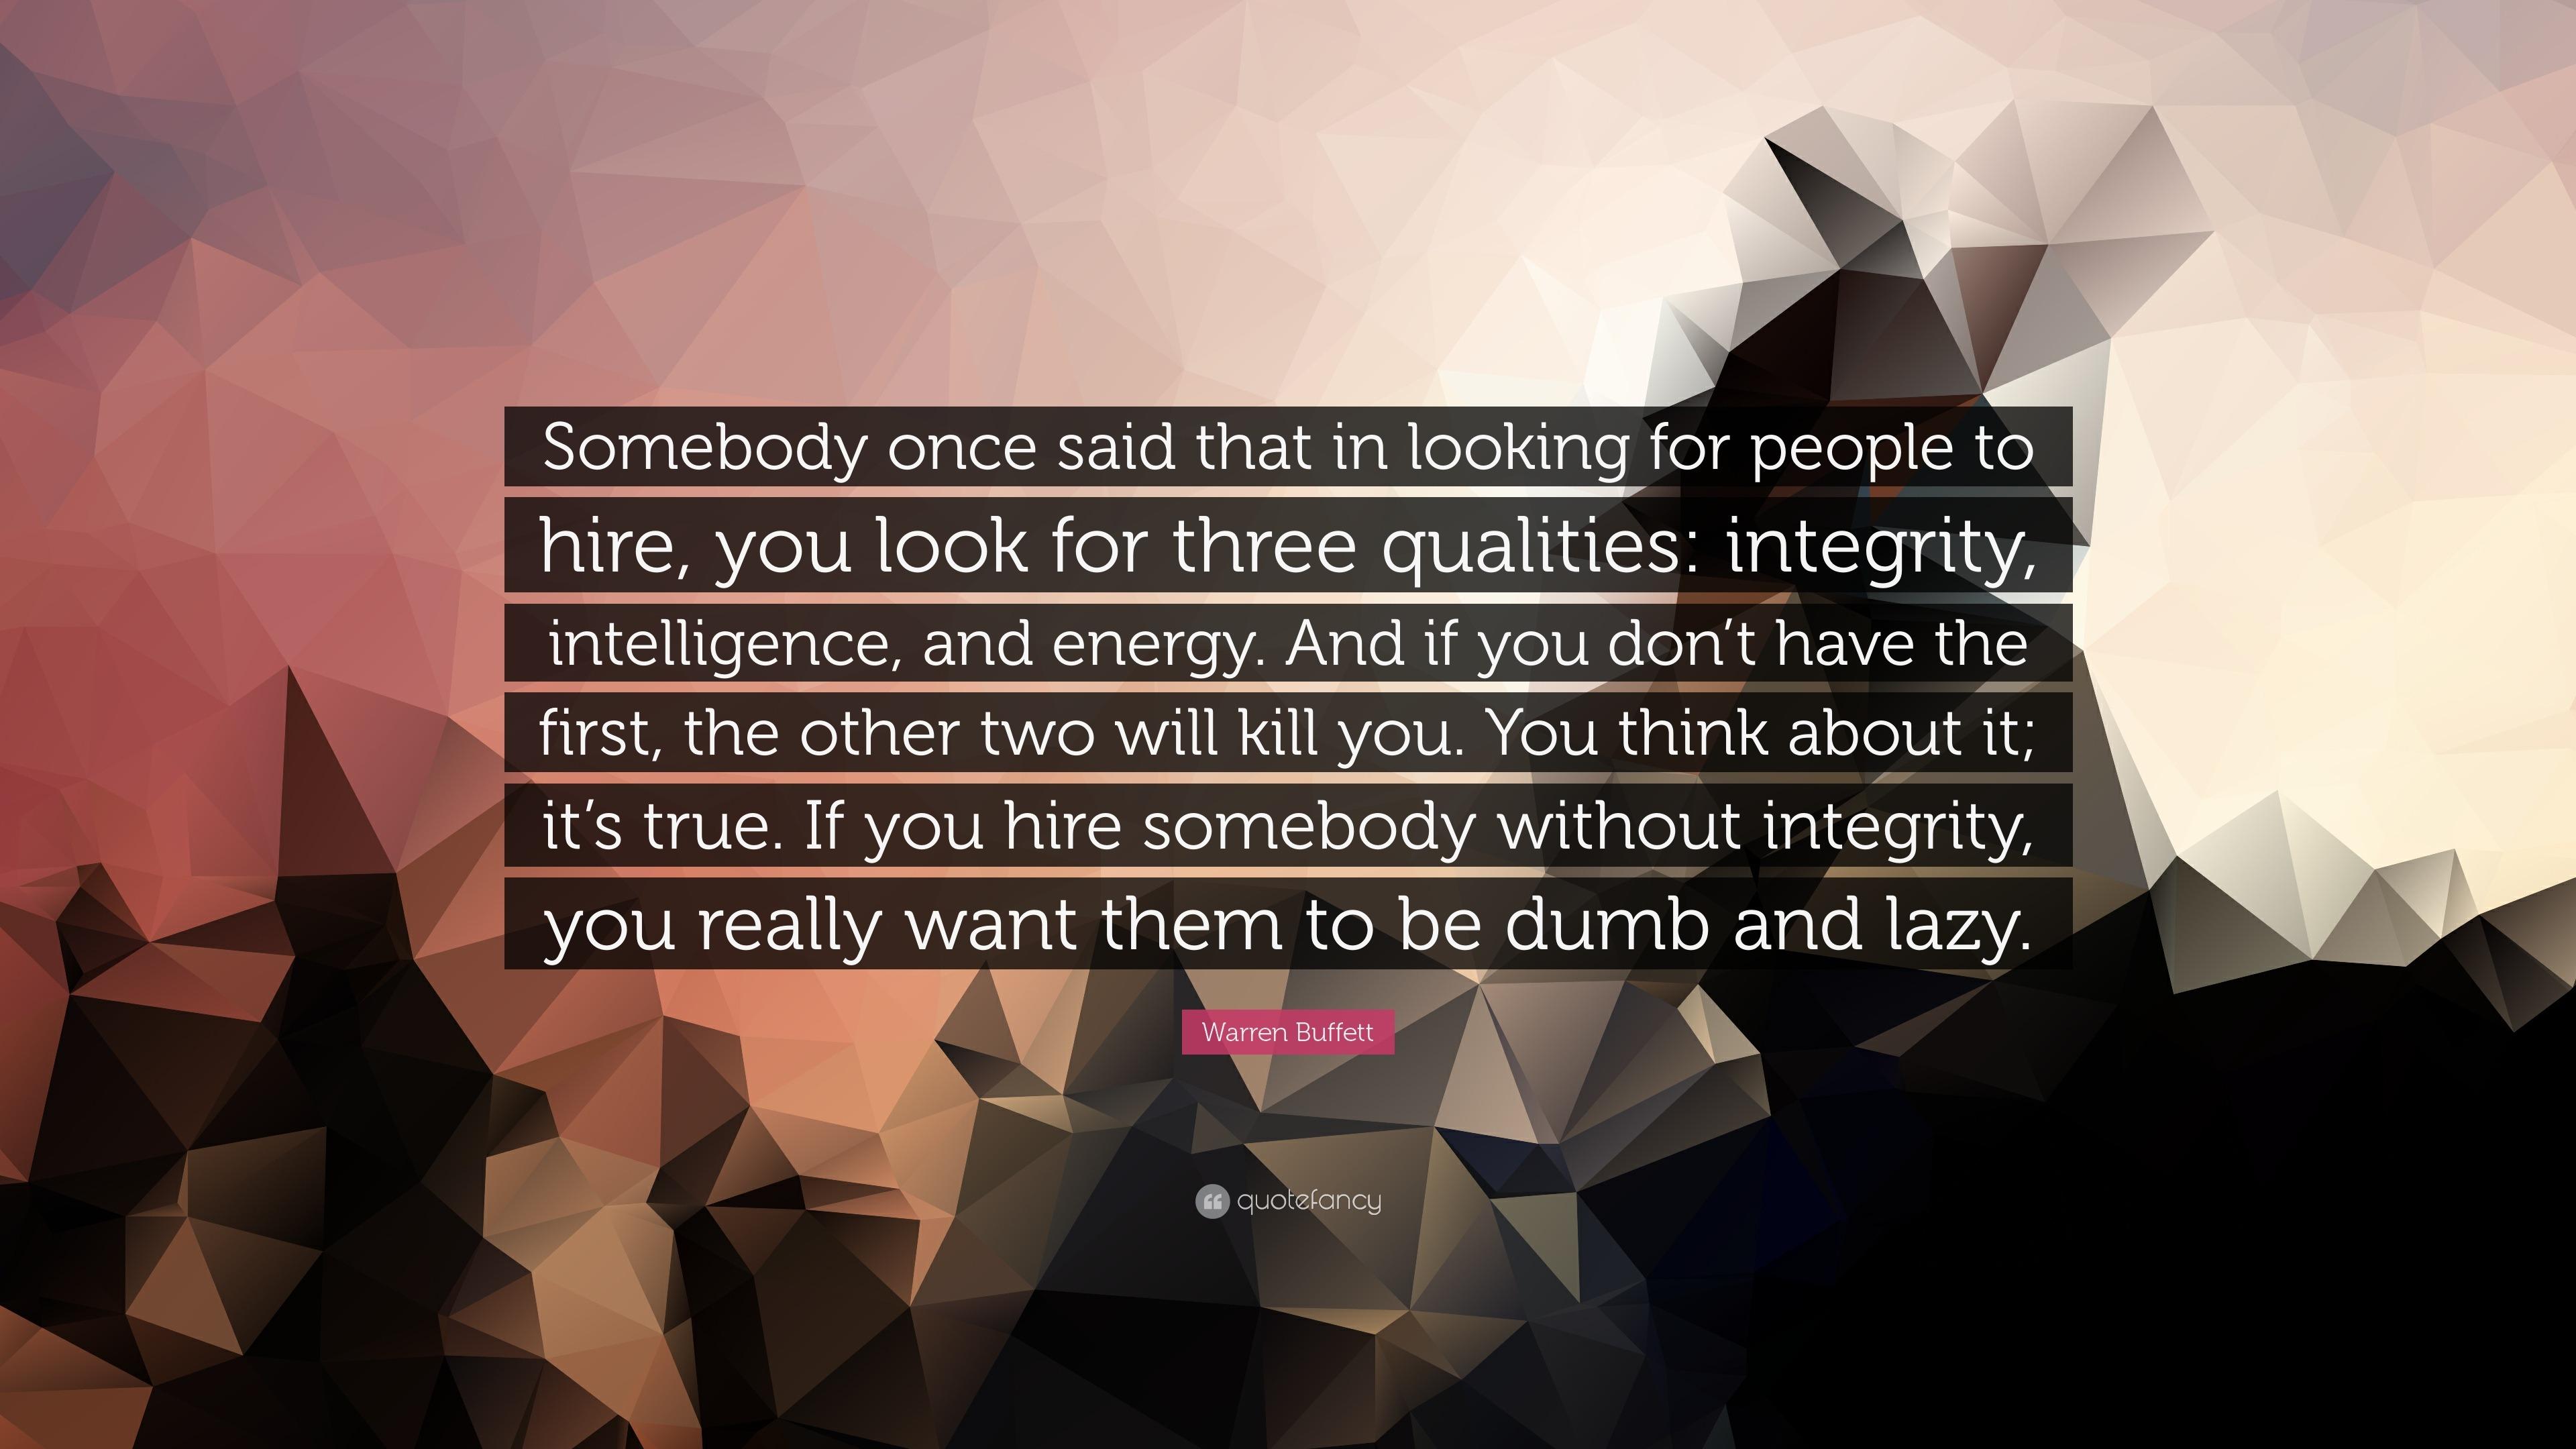 quotes in college essays